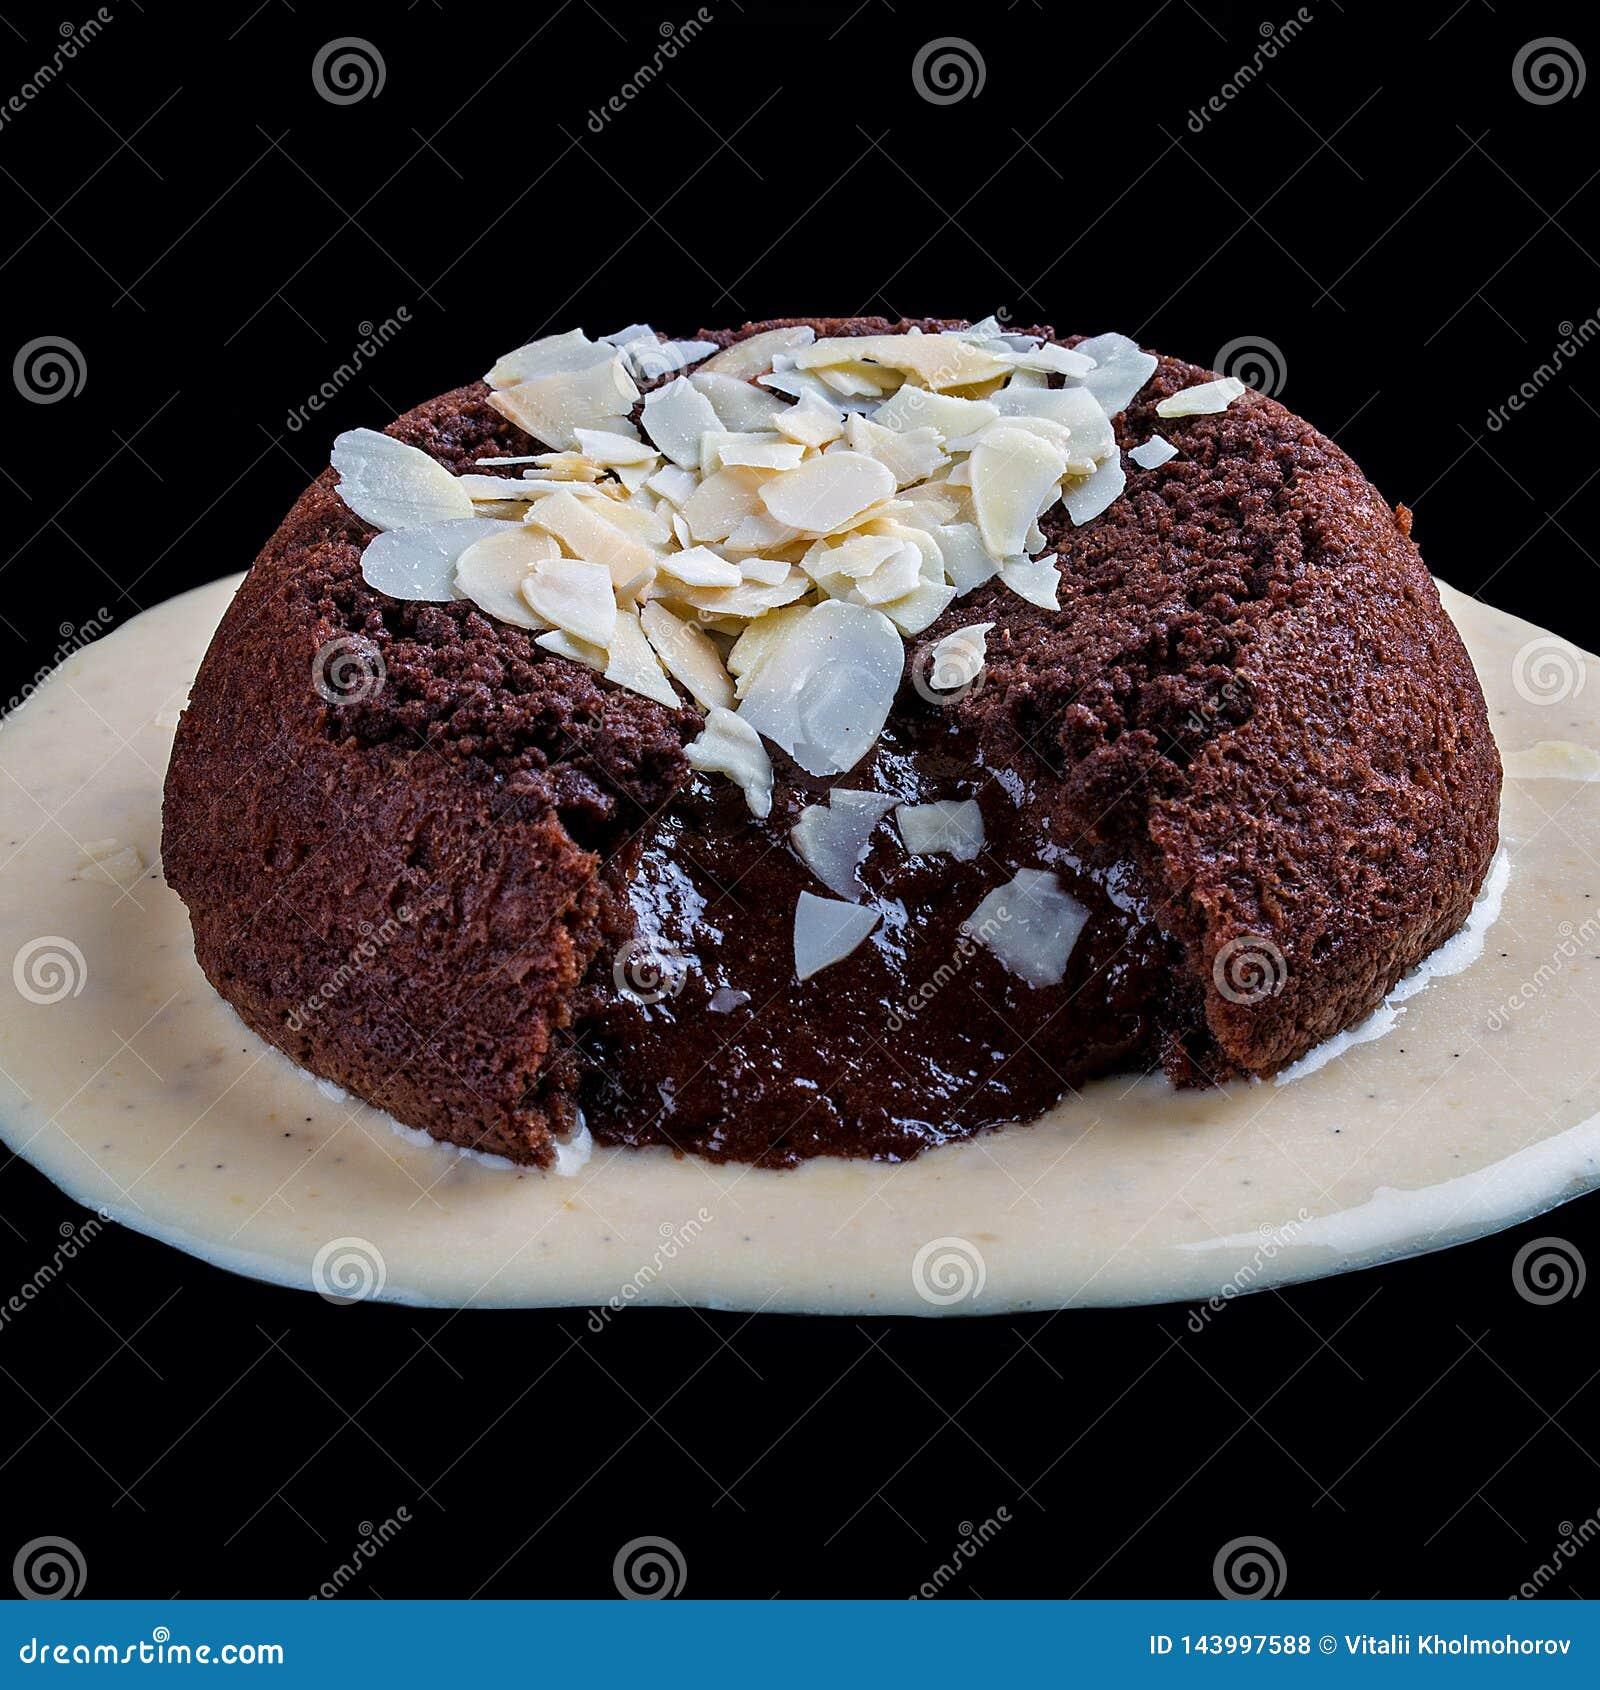 Сake with chocolate lava